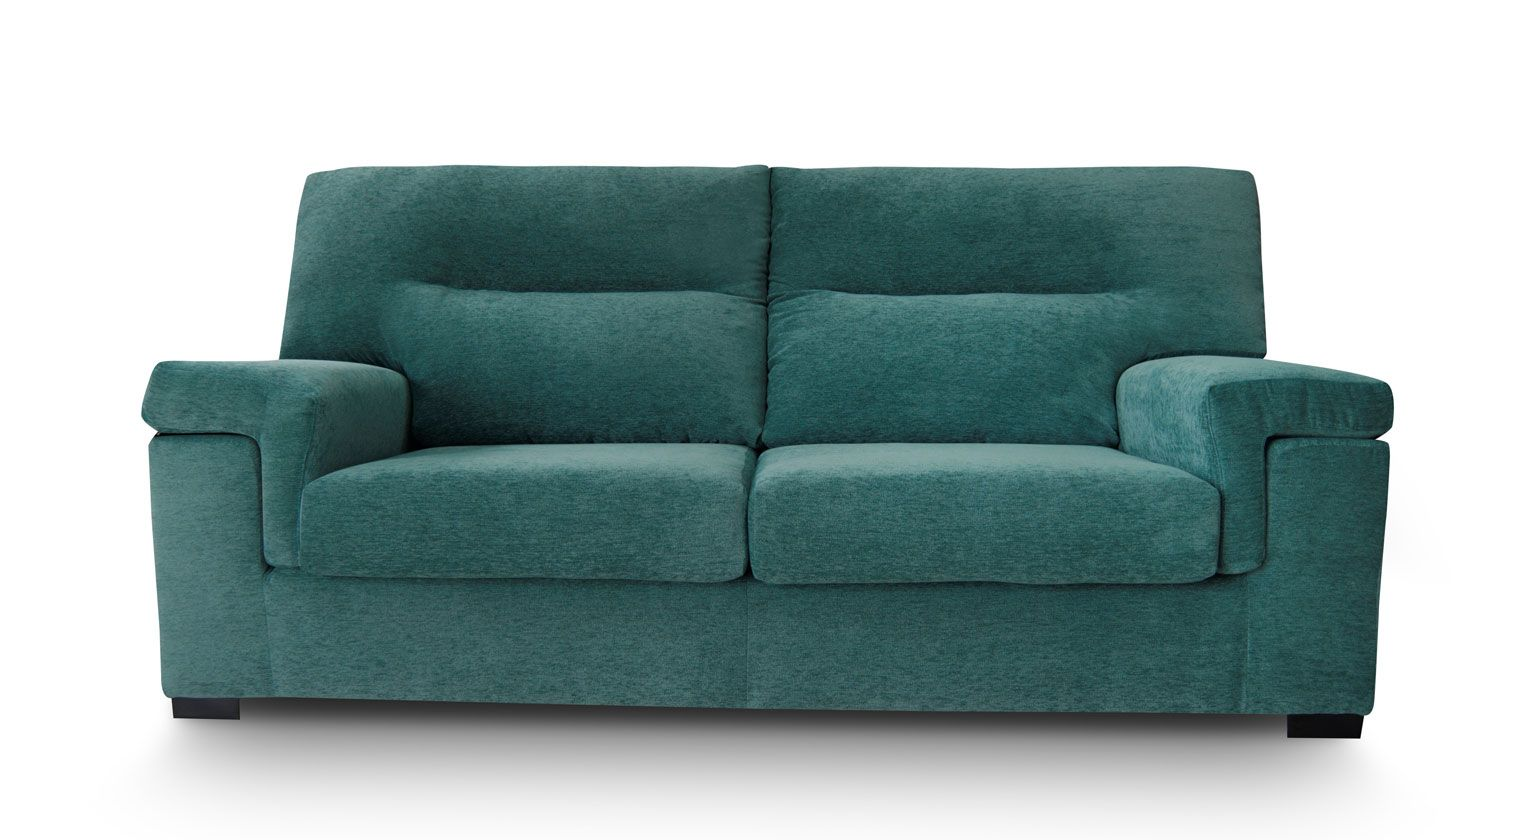 Comprar sof tela okio sof 3 plazas deslizante microfibra for Sofas baratos asturias